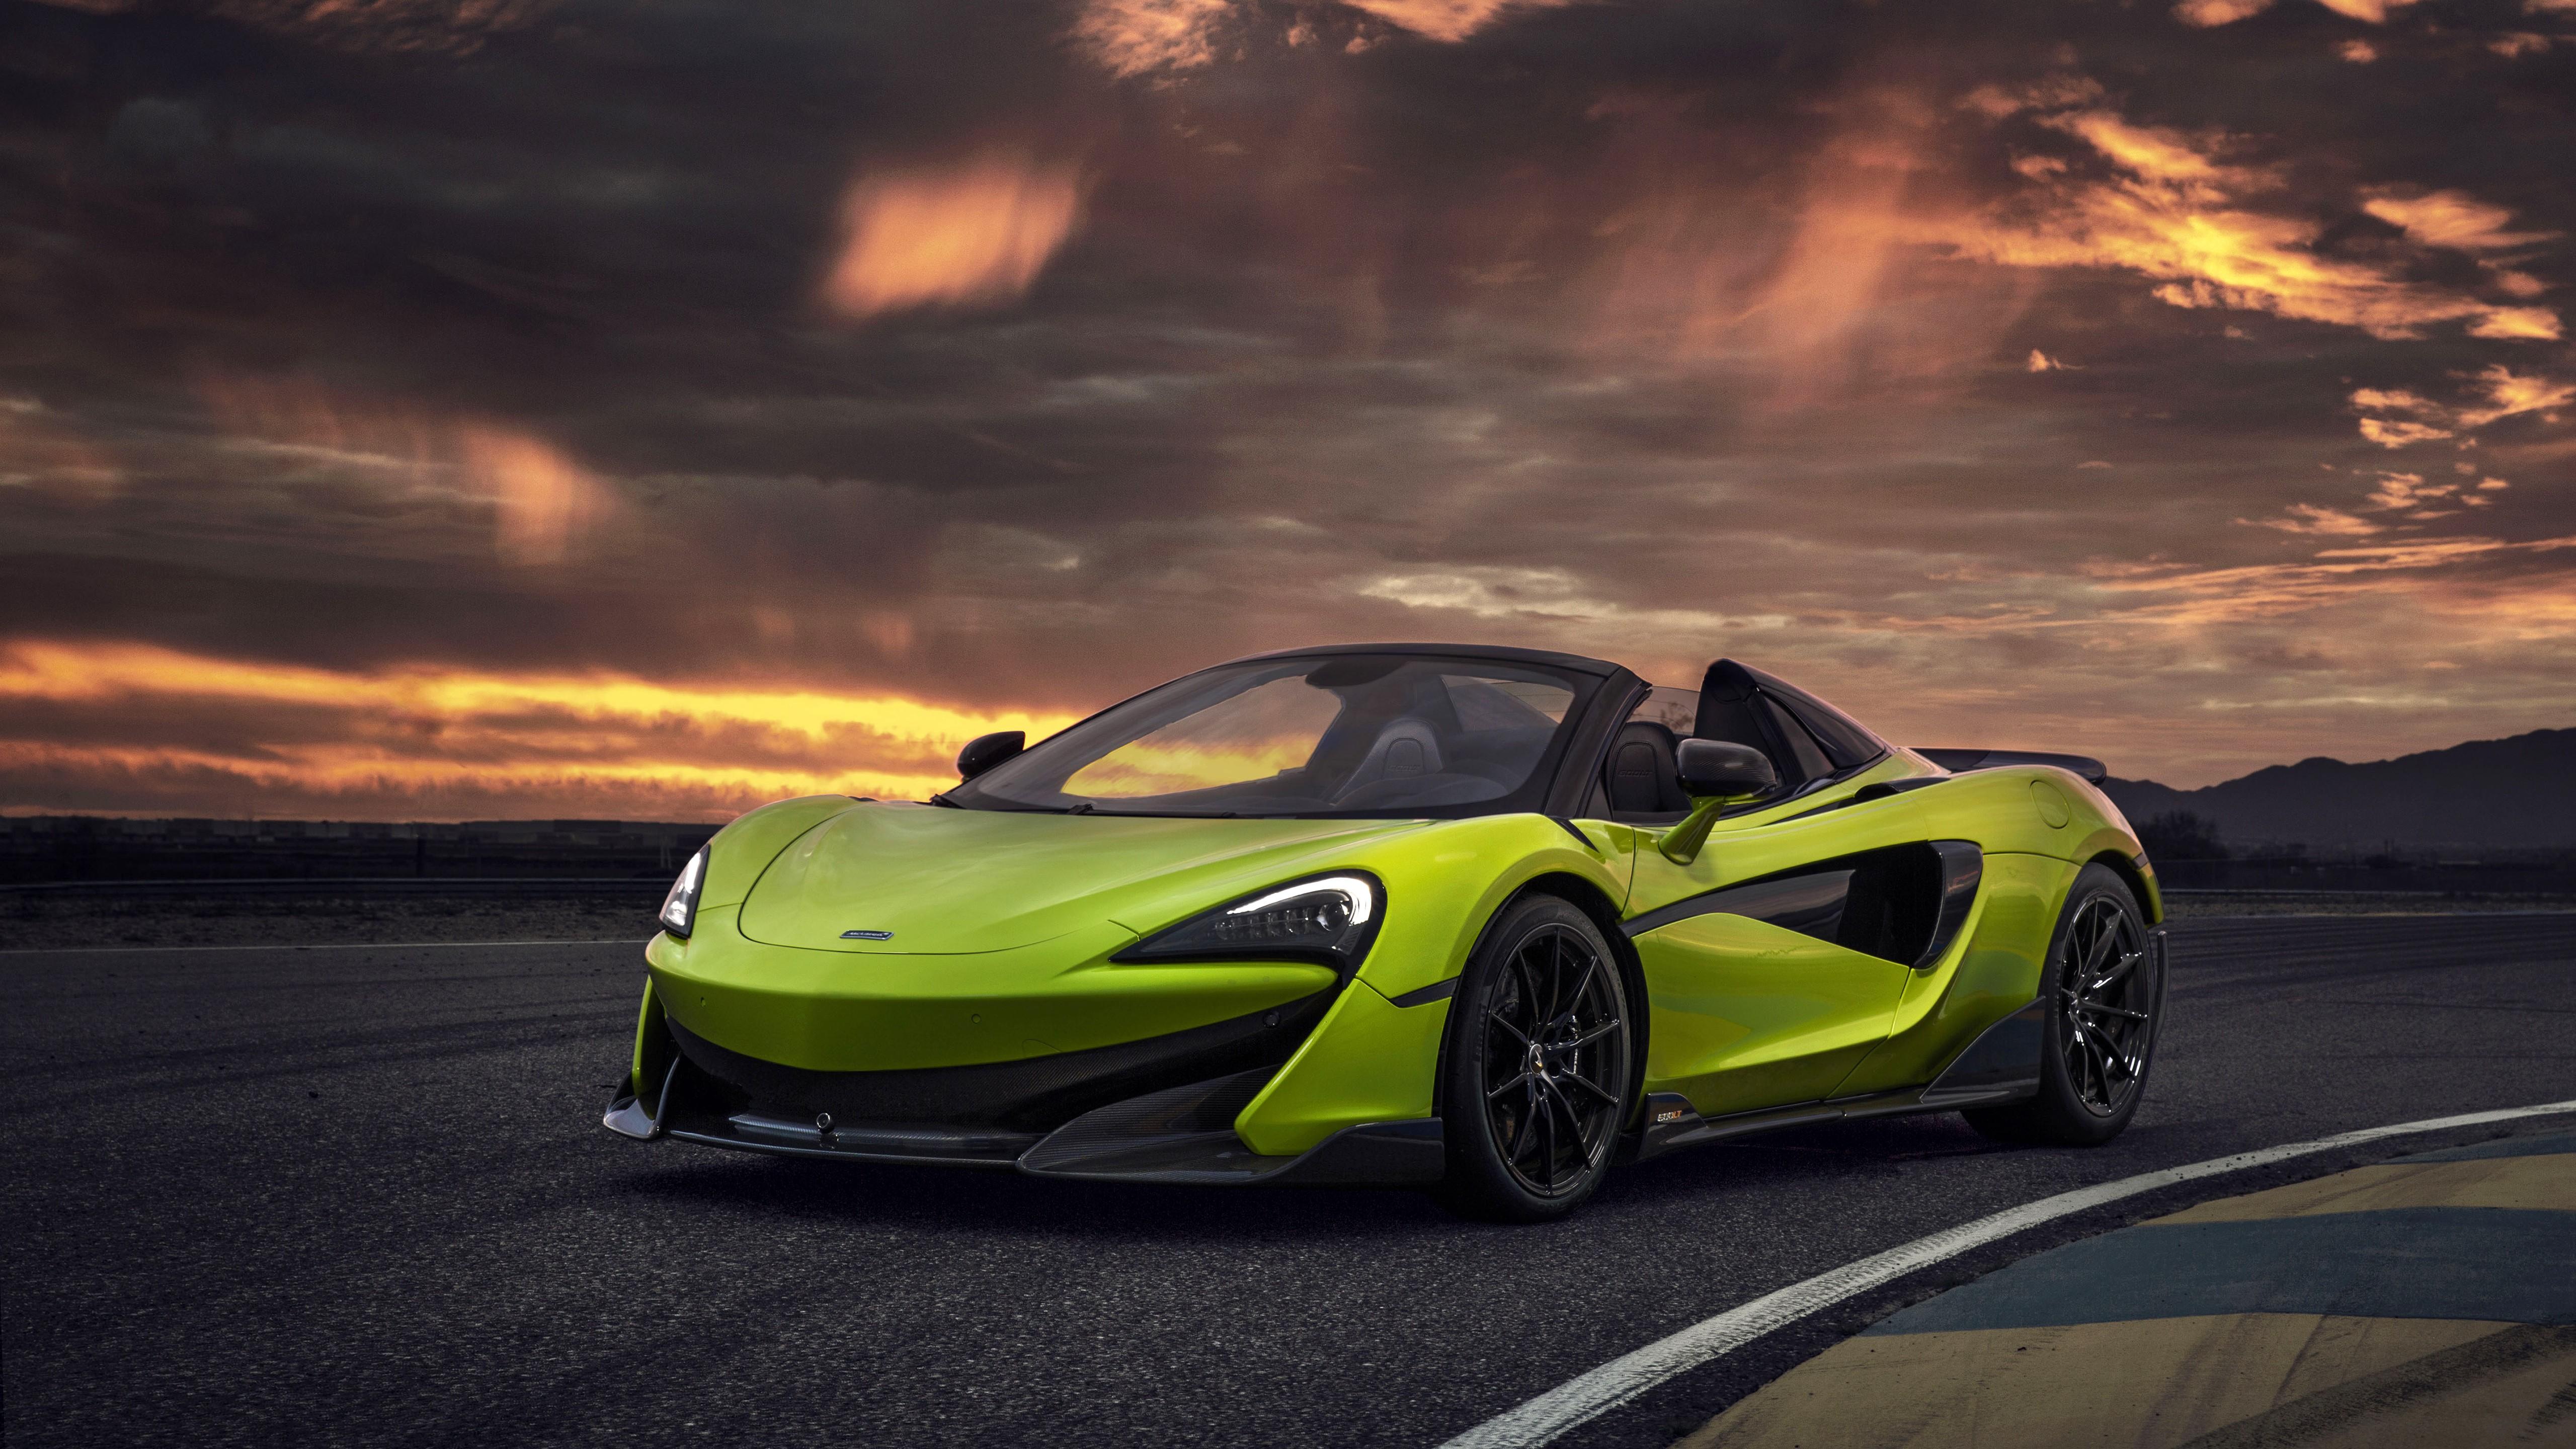 McLaren 600LT Spider Lime Green 2019 5K Wallpaper | HD Car ...